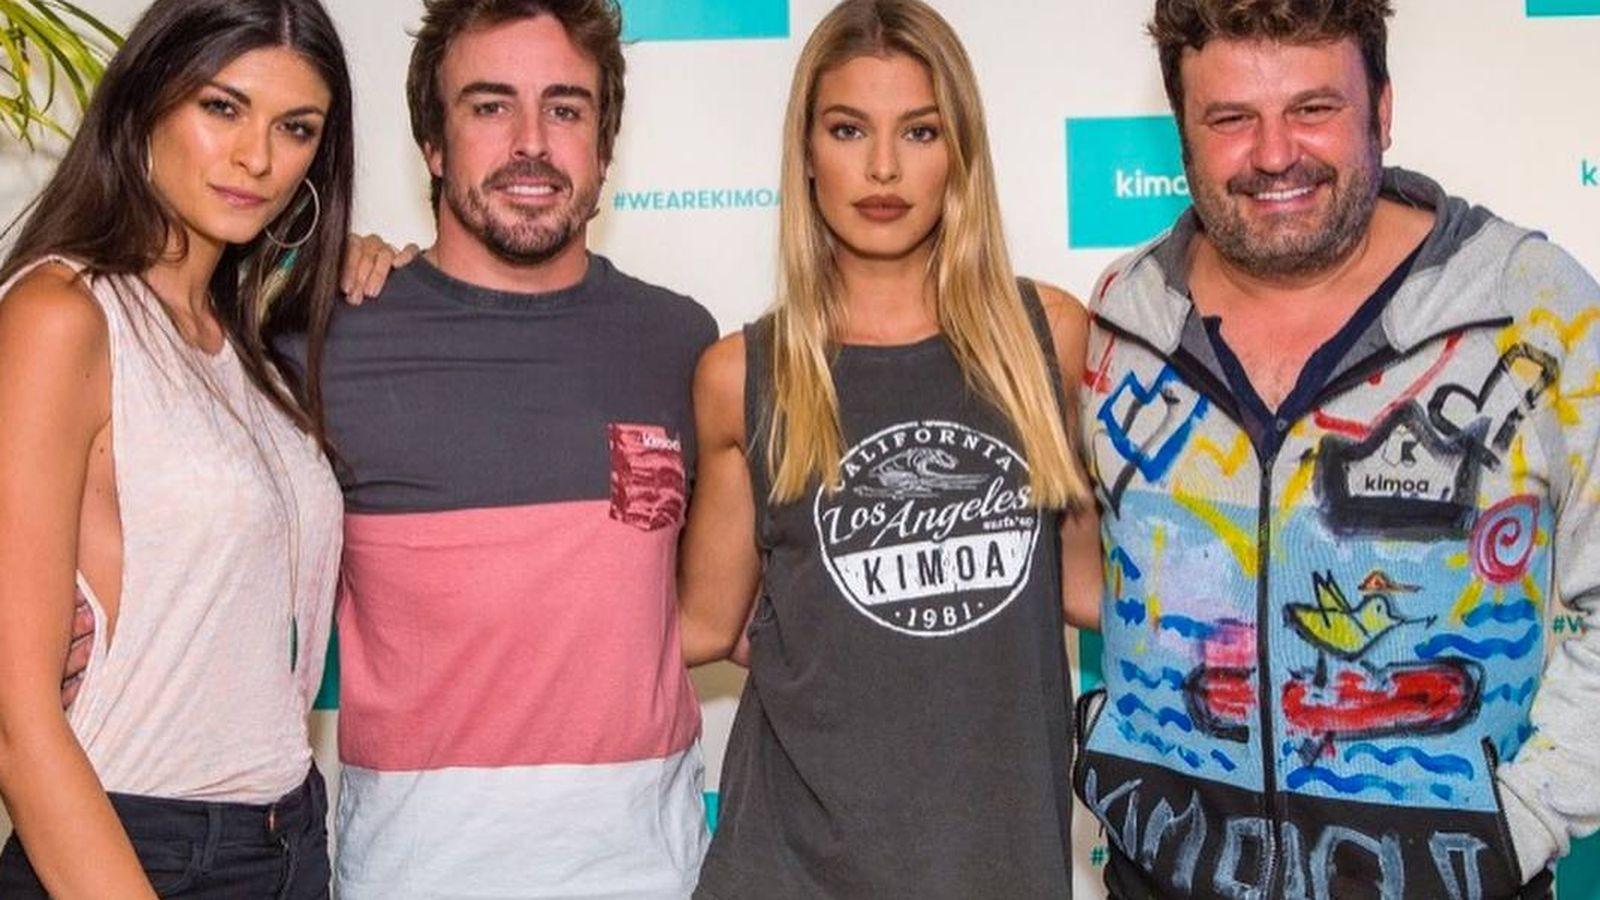 Foto: A finales de mayo, Fernando Alonso presentó su marca Kimoa en Nueva York. (Instagram/fernandoalo_oficial)